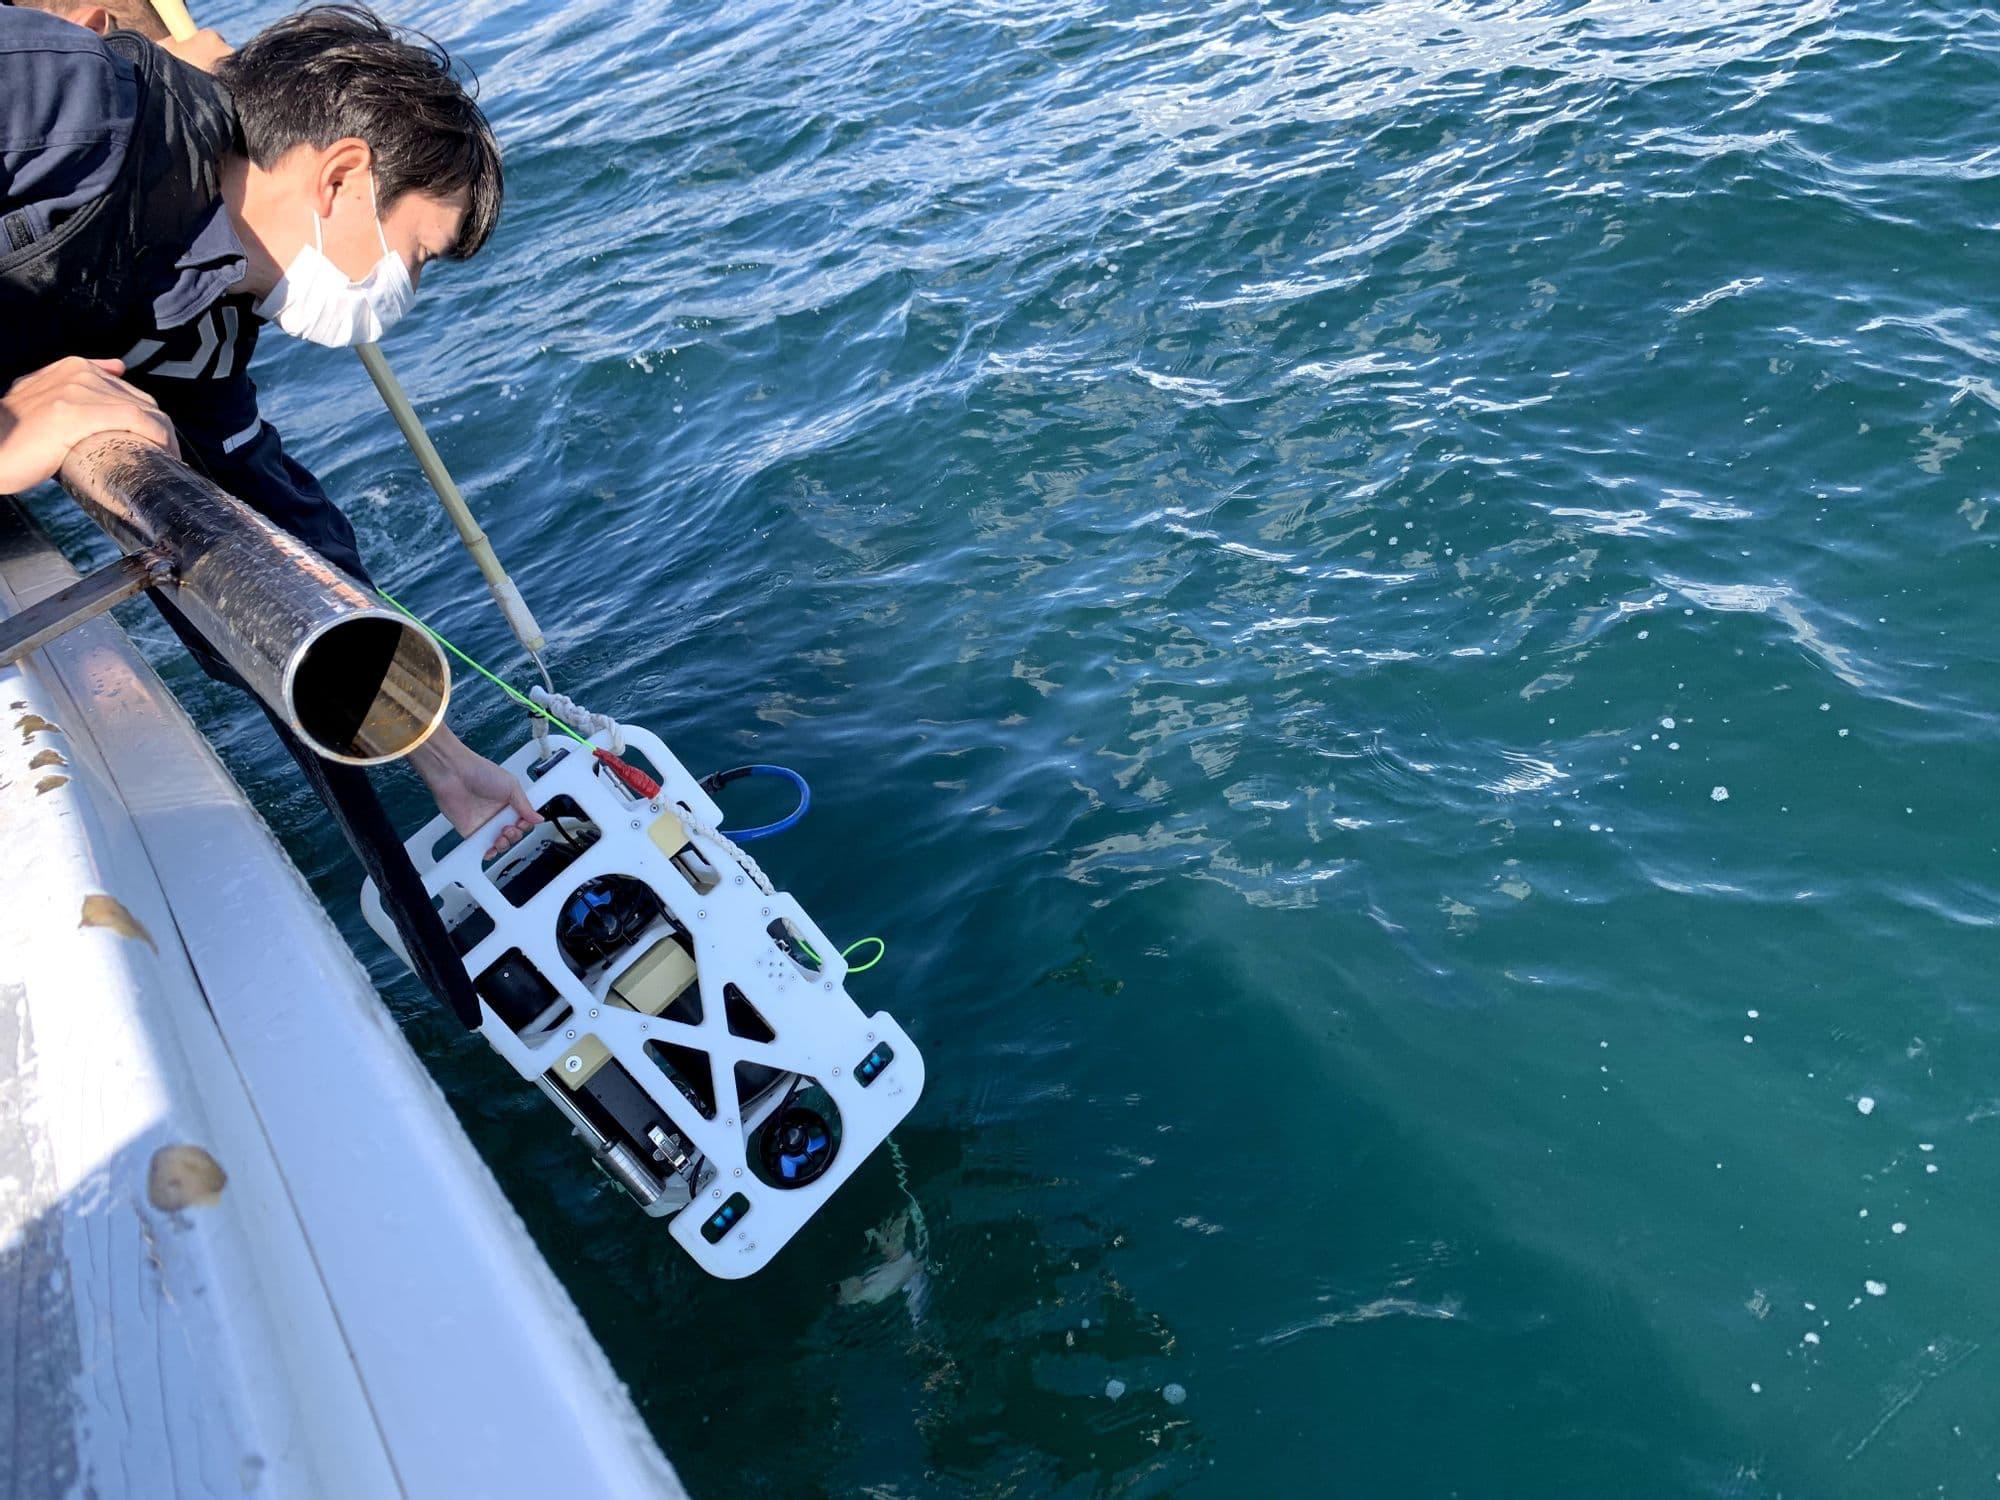 一人は水中ドローンを手で持ち、もう一人は先端にかぎ針のついた棒を使って、着水の衝撃を与えないように静かに投入します。